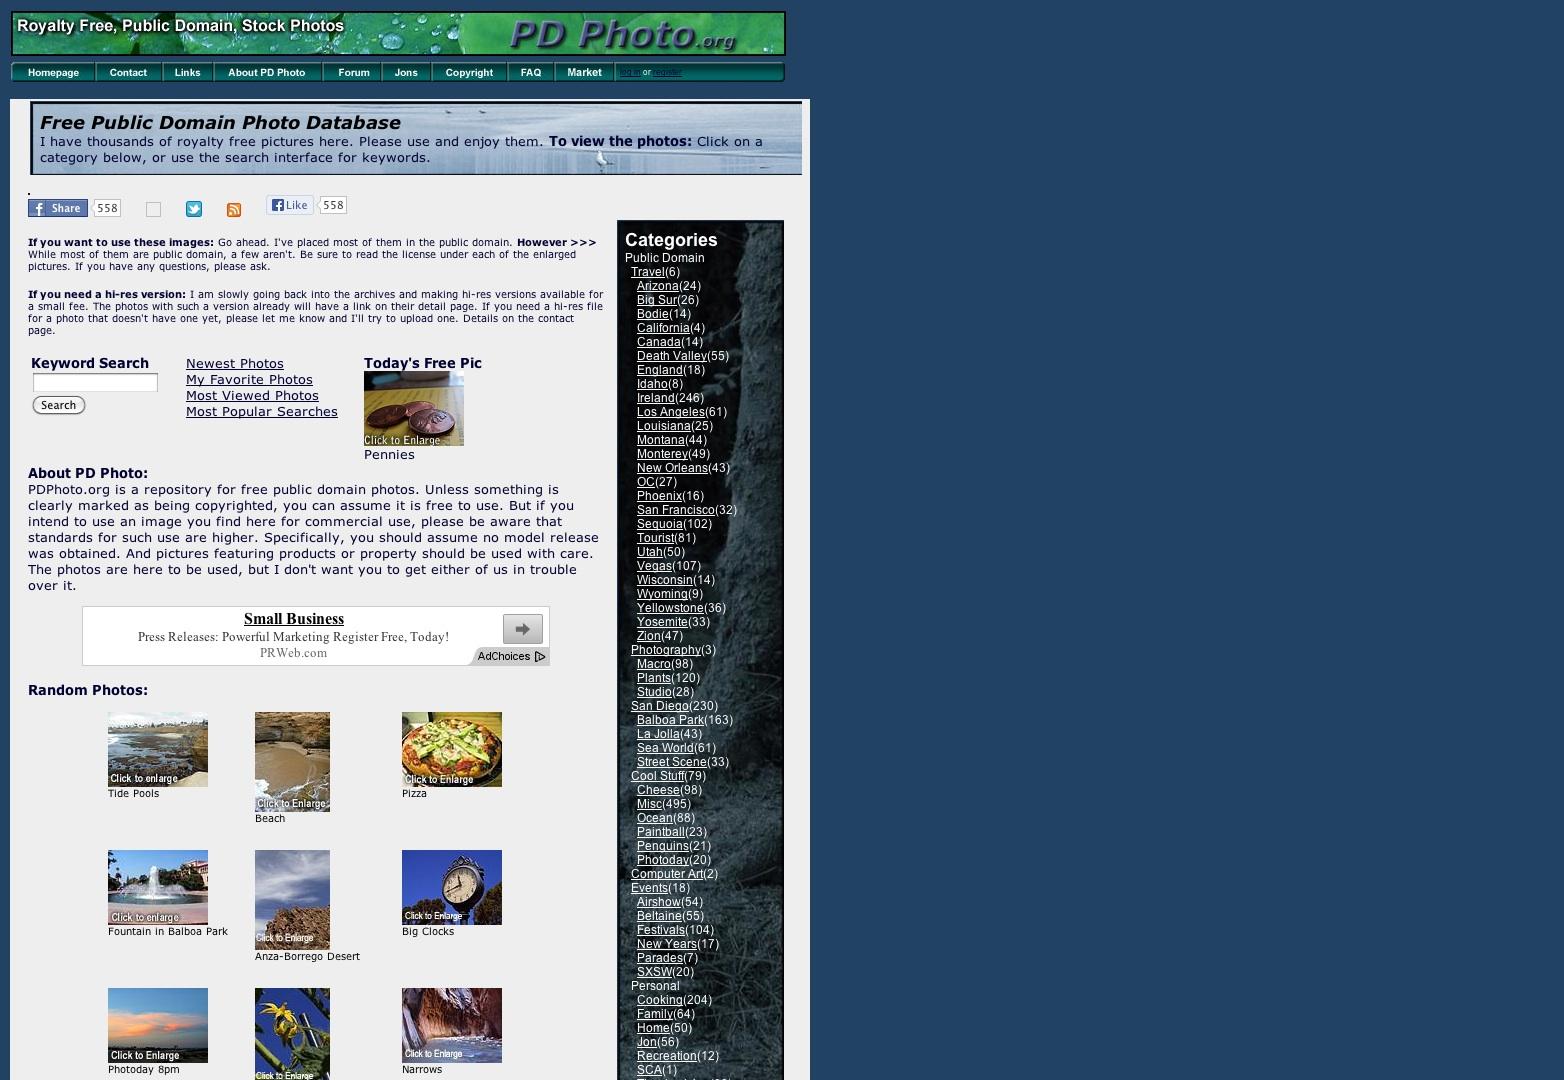 PD Photo - Fotos y fotos gratis (dominio público, fotos, fondos de pantalla, imágenes prediseñadas, imágenes prediseñadas, etc.)